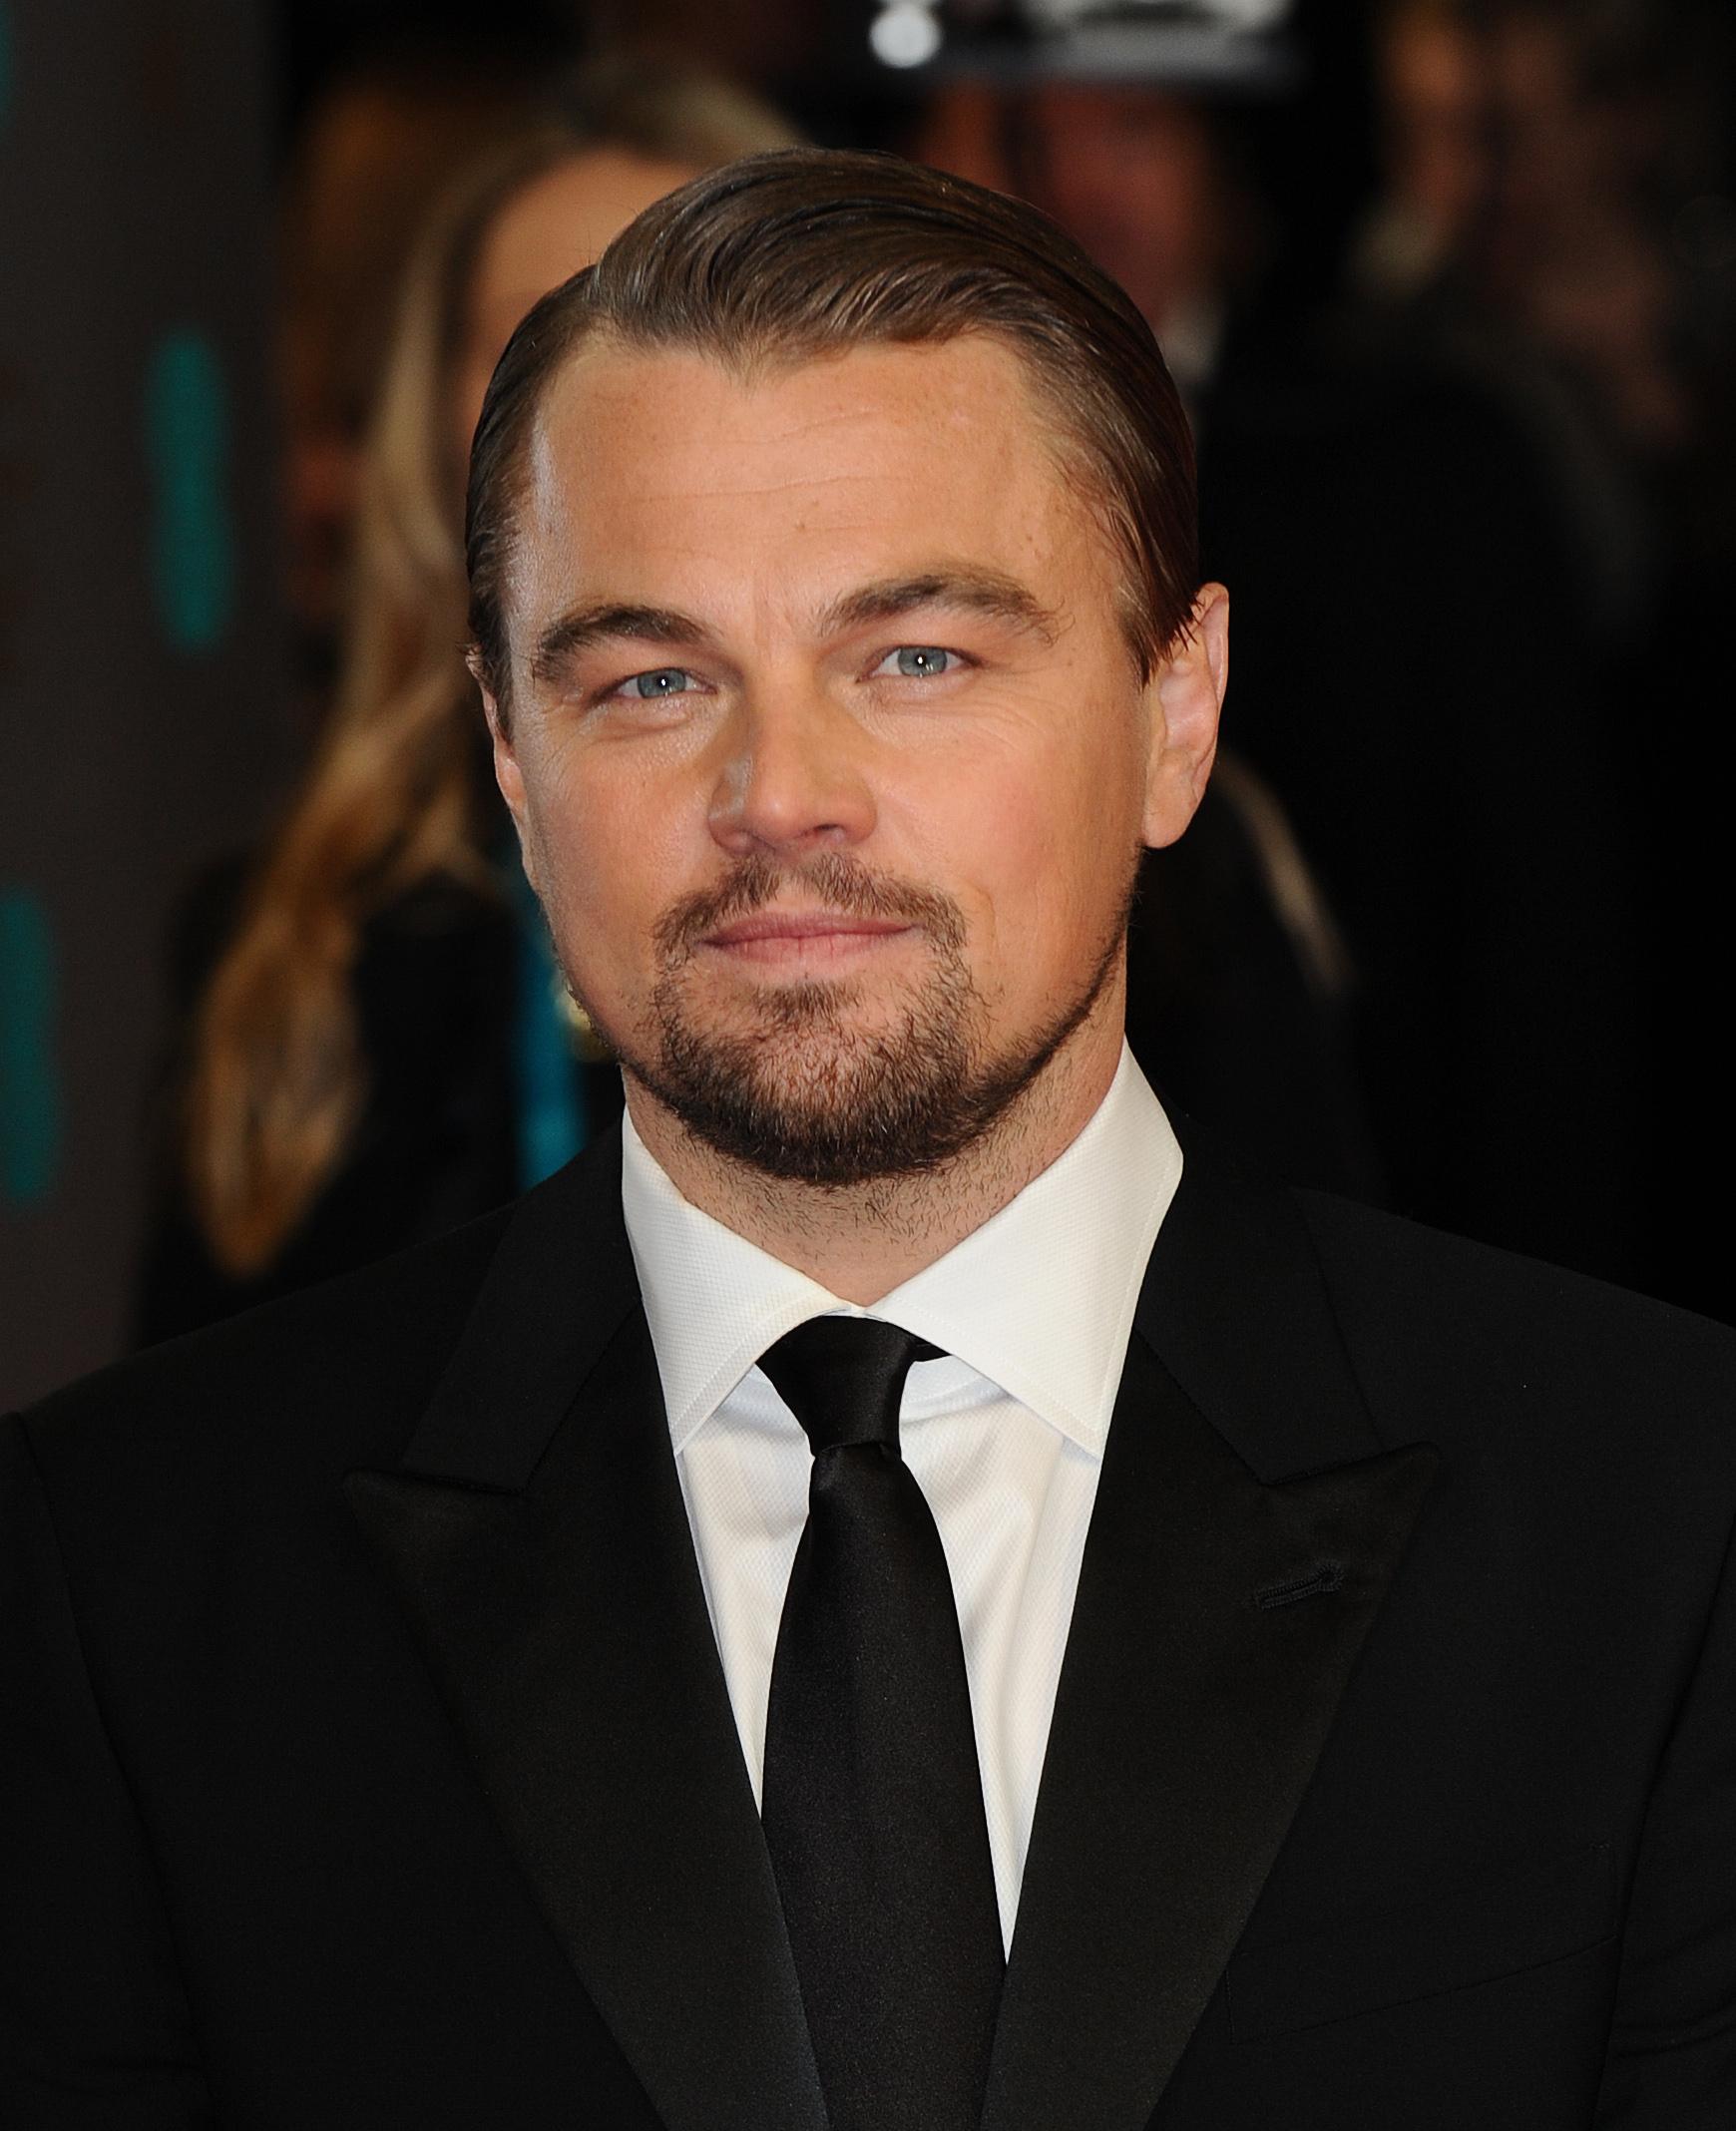 Leonardo DiCaprio sky diving incident on Ellen Leonardo Dicaprio